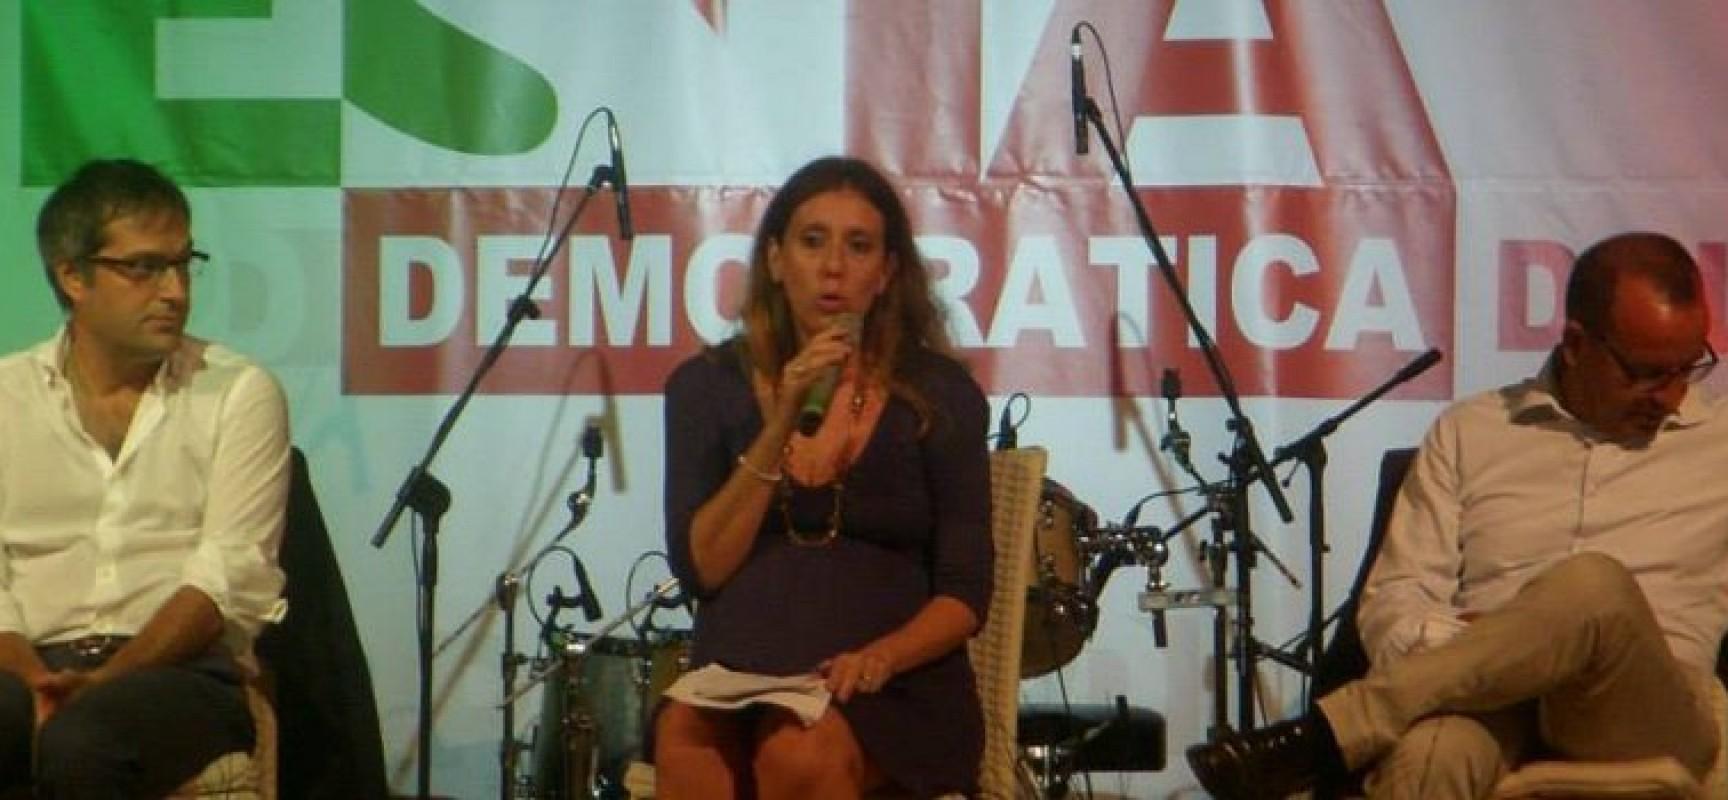 Il PD Bisceglie rigetta l'alleanza con Spina: «Dimissioni per convenienza non per coerenza»